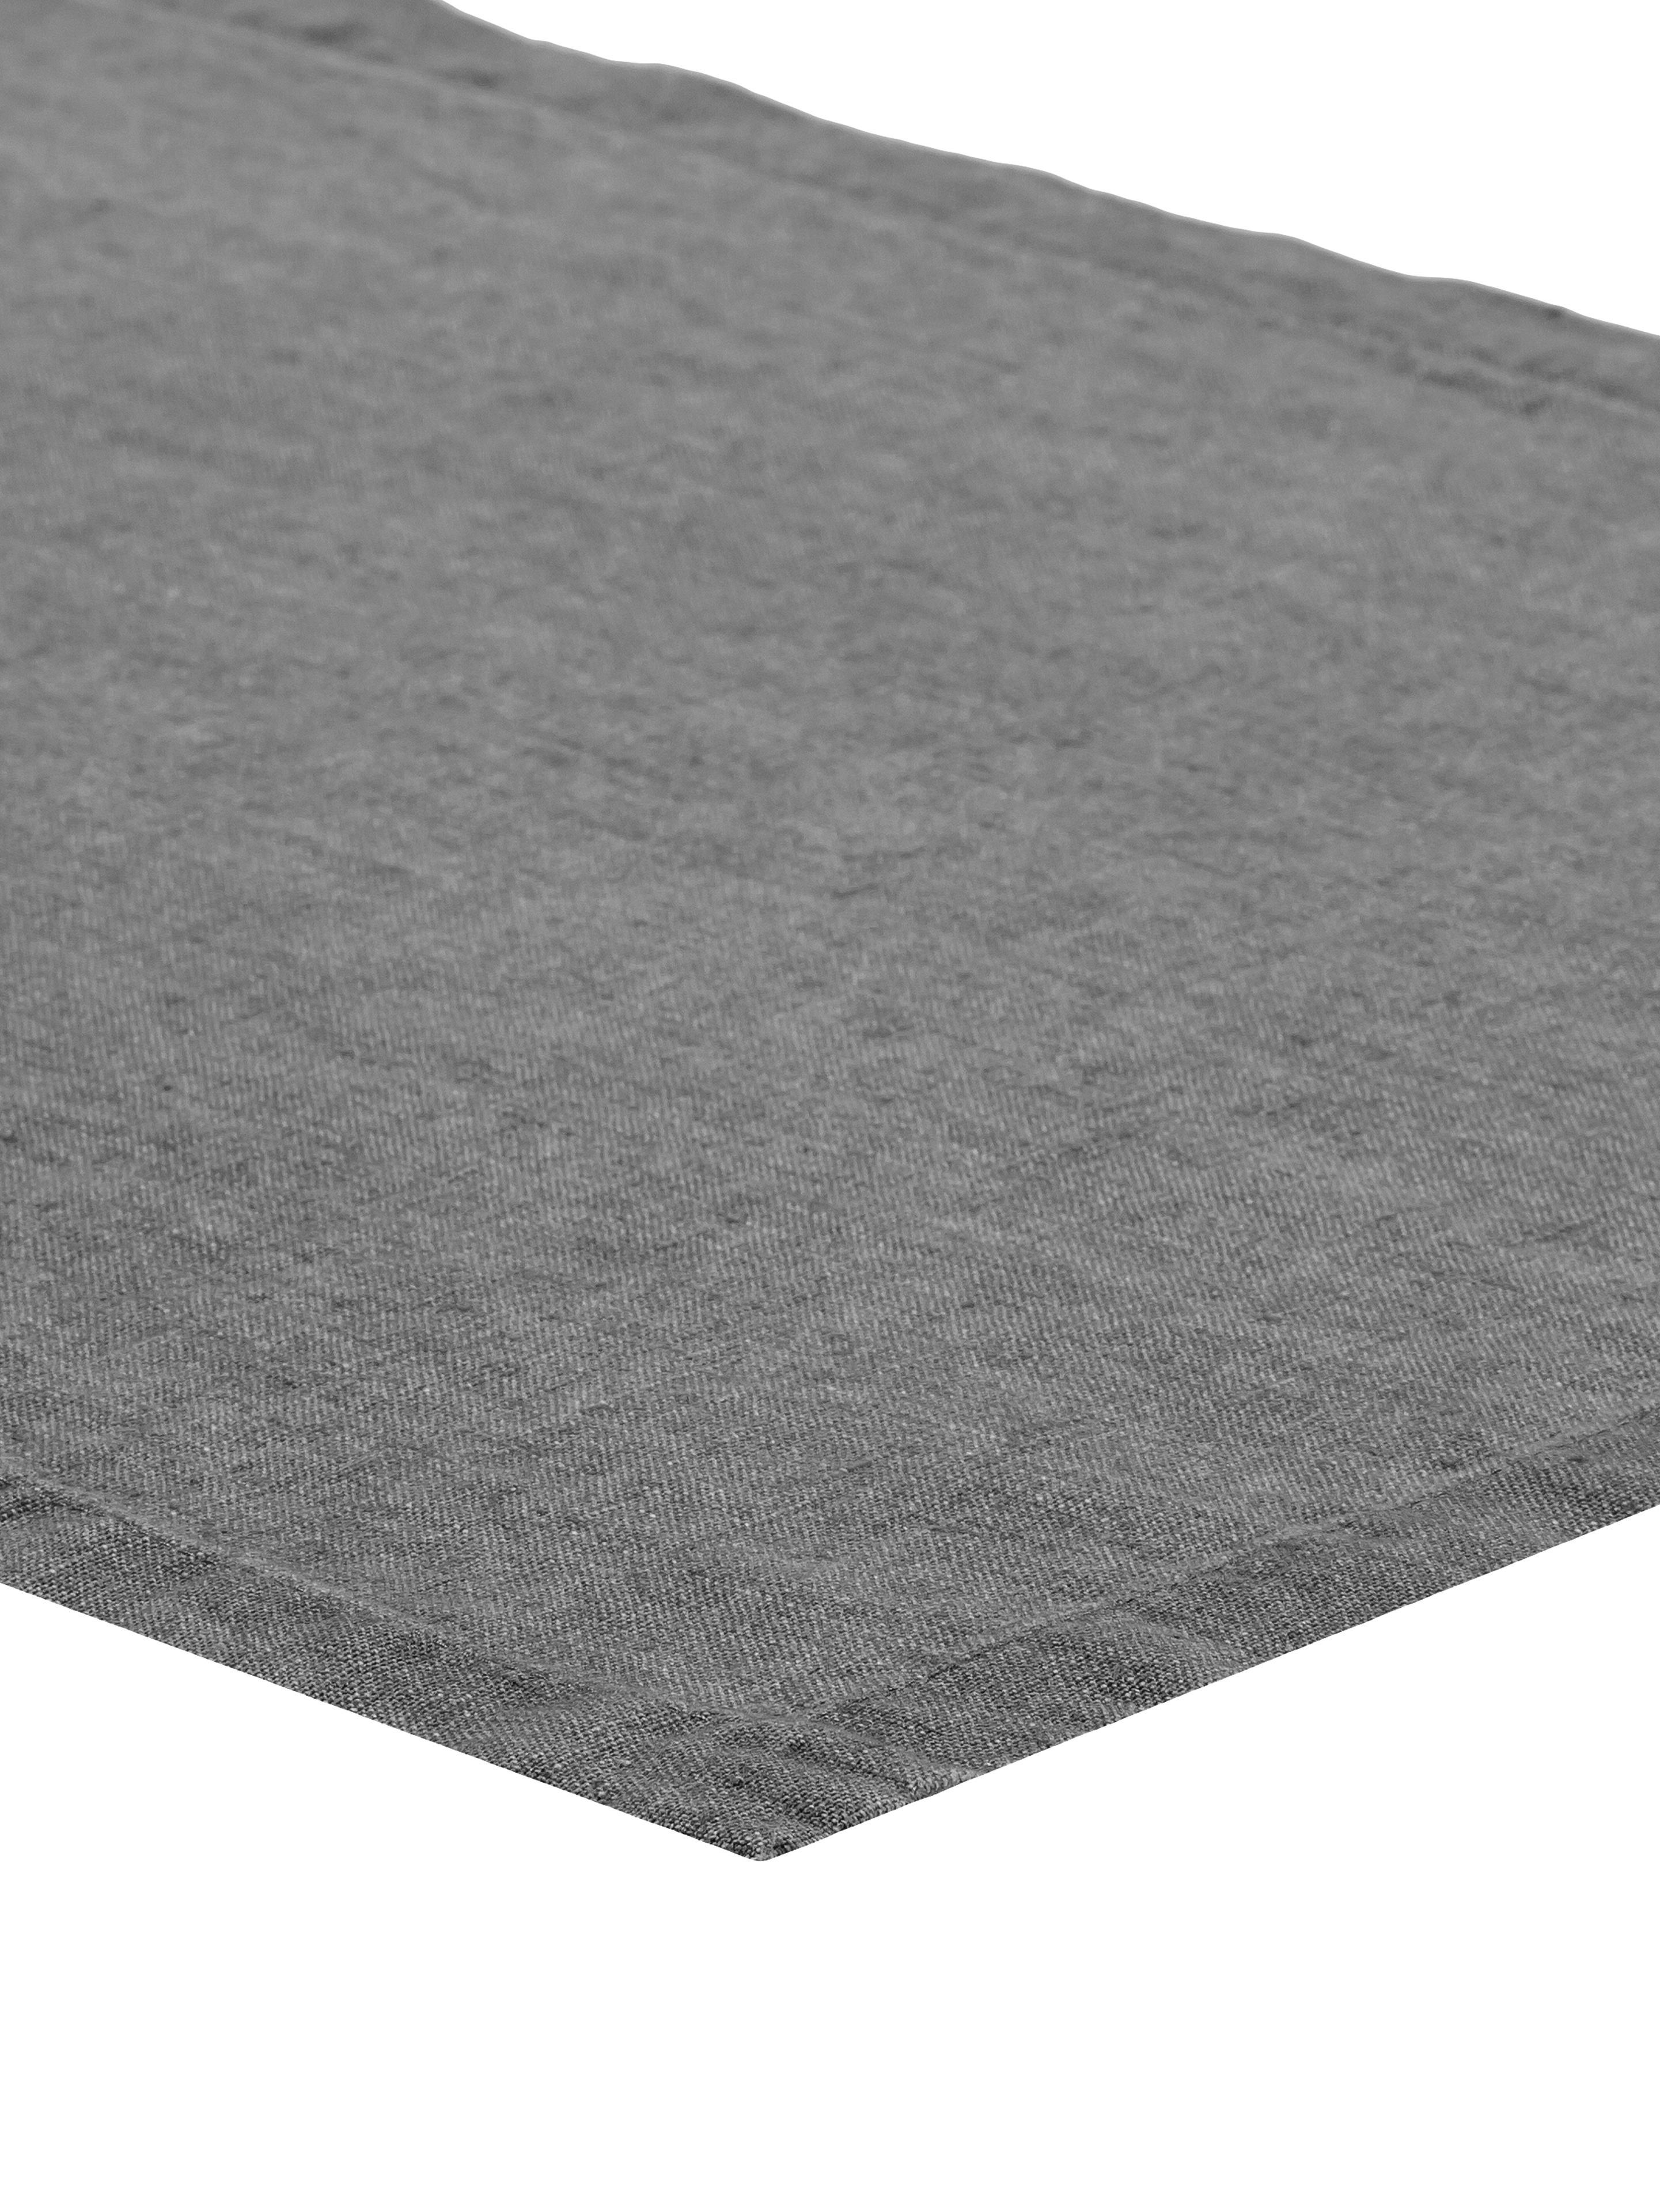 Runner da tavolo in lino Ruta, Grigio, Larg. 40 x Lung. 140 cm